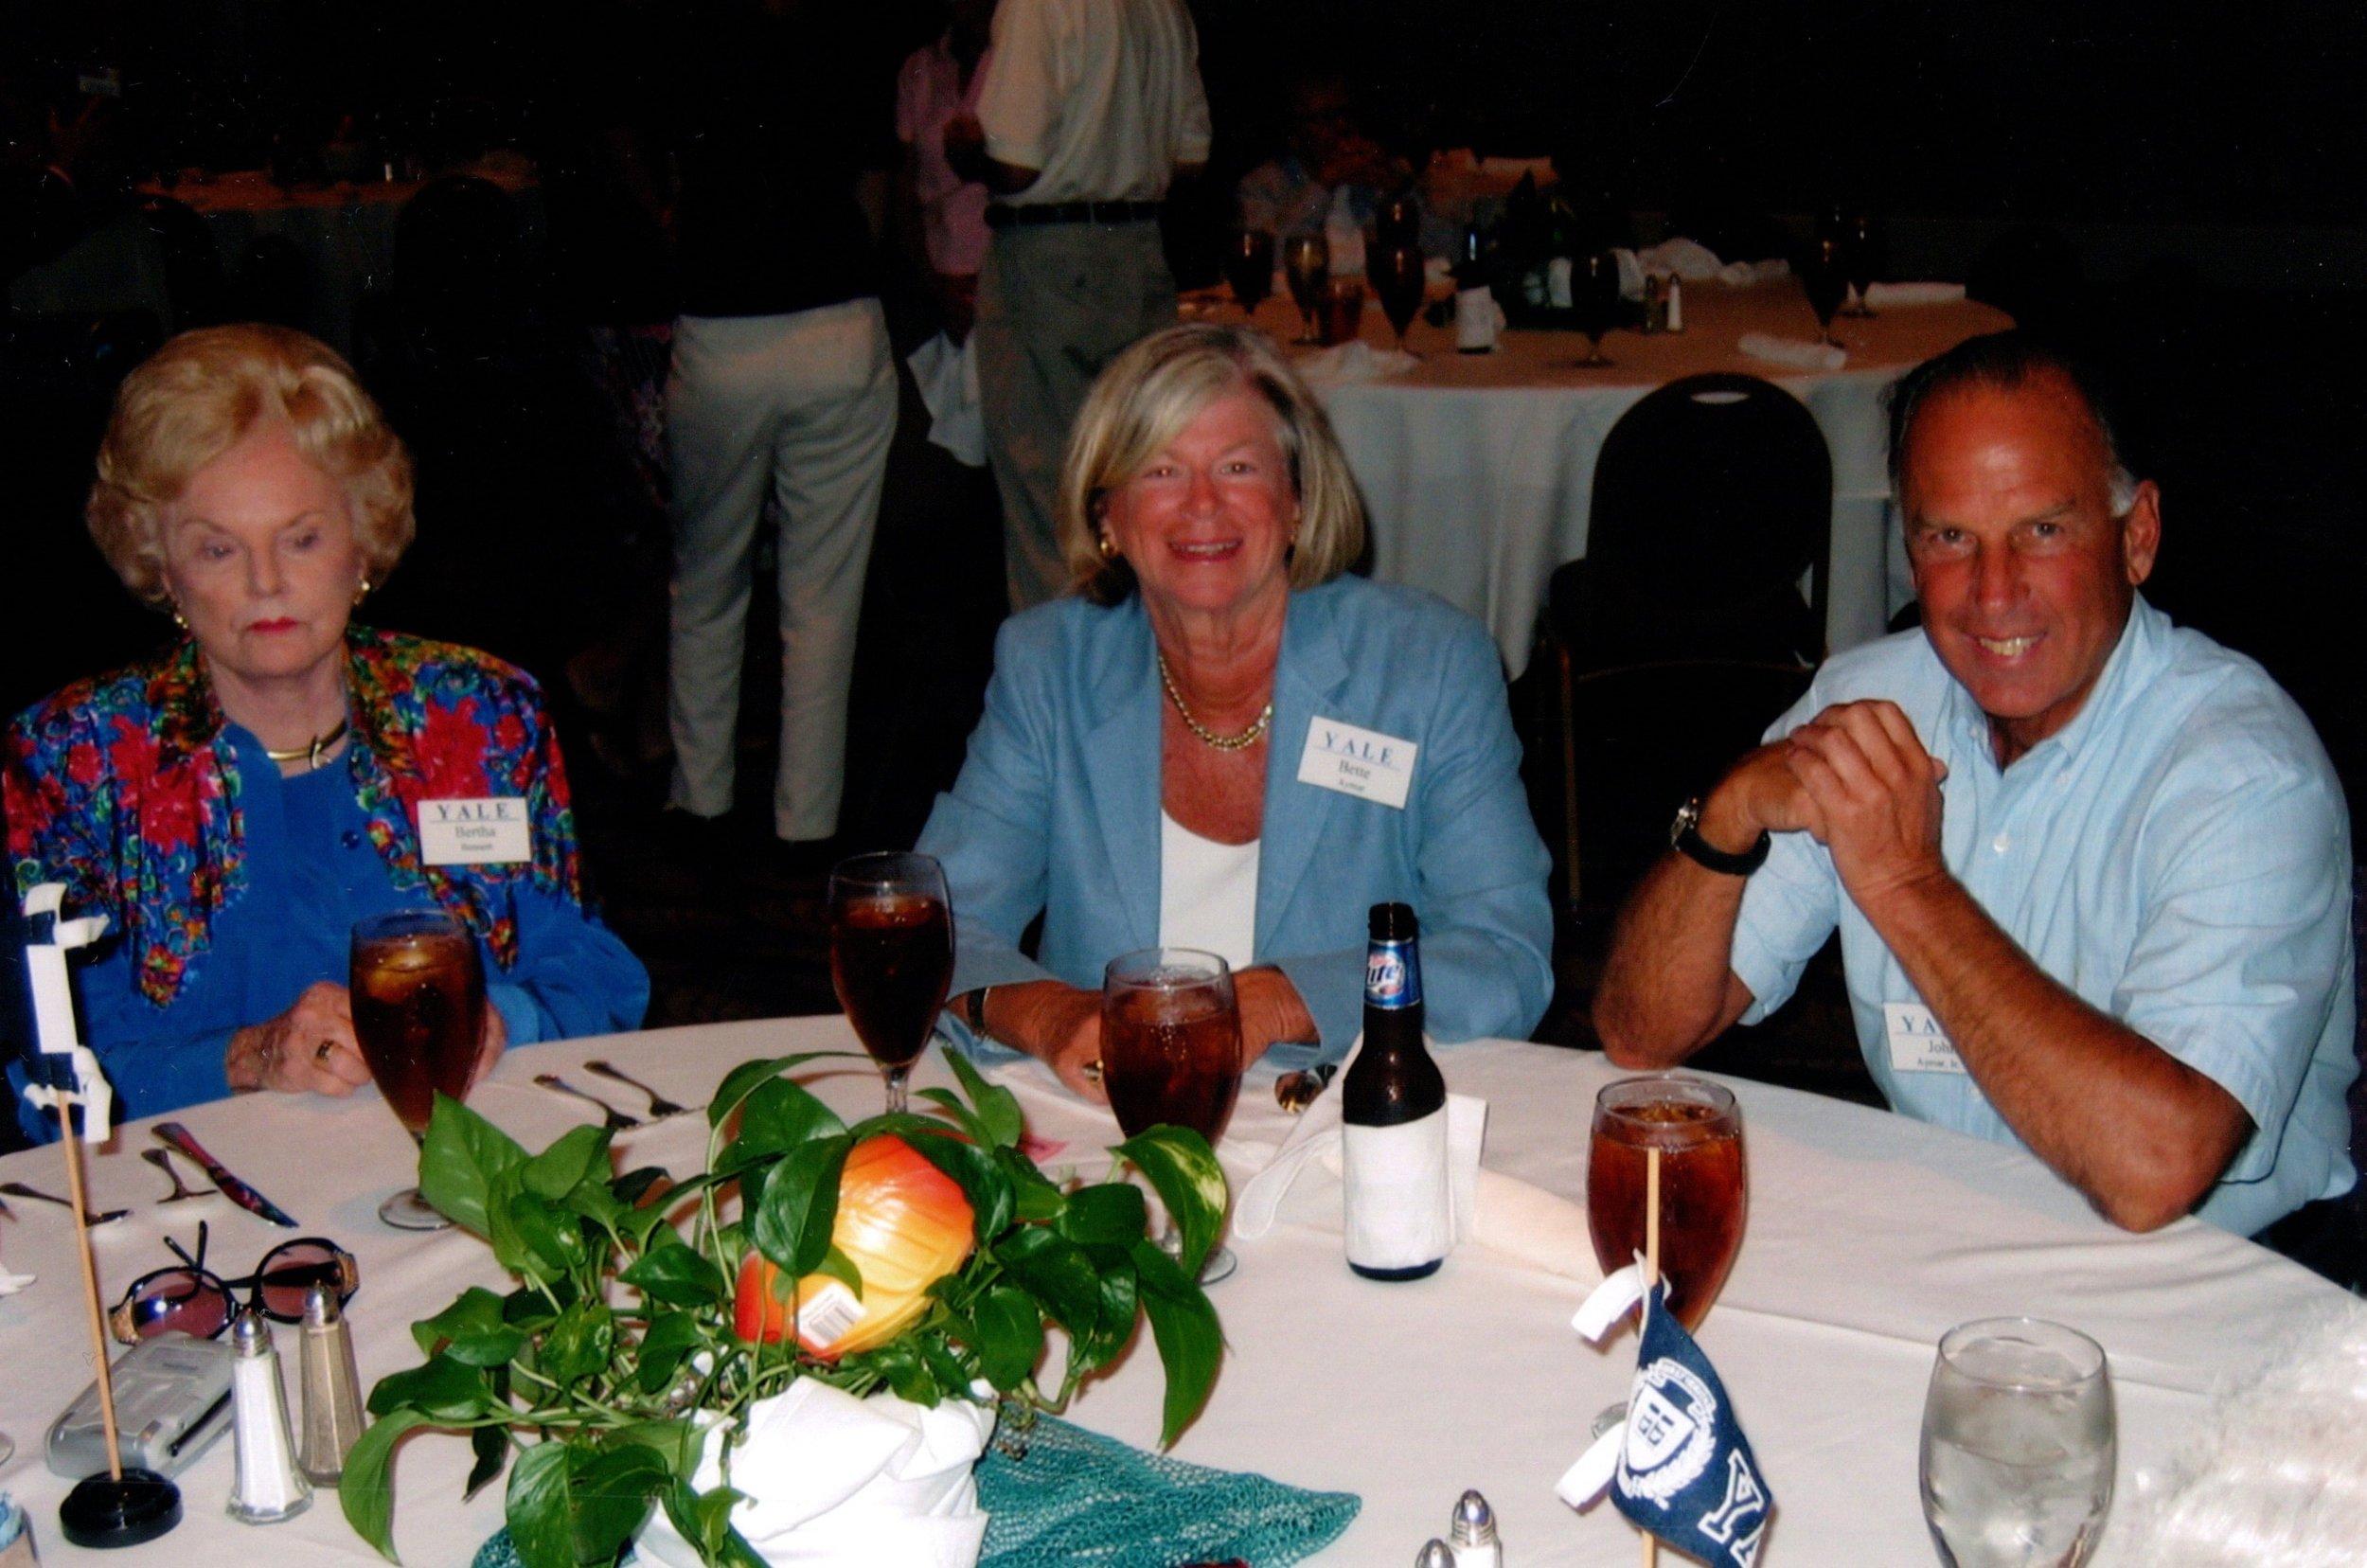 BERTHA BENNETT, BETTE AND JOHN AYMAR